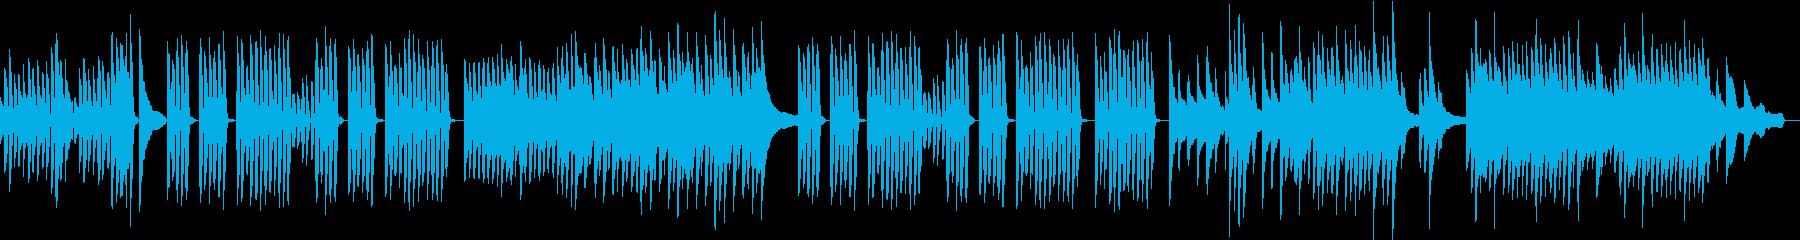 可愛らしくてほのぼのとしたピアノソロの再生済みの波形